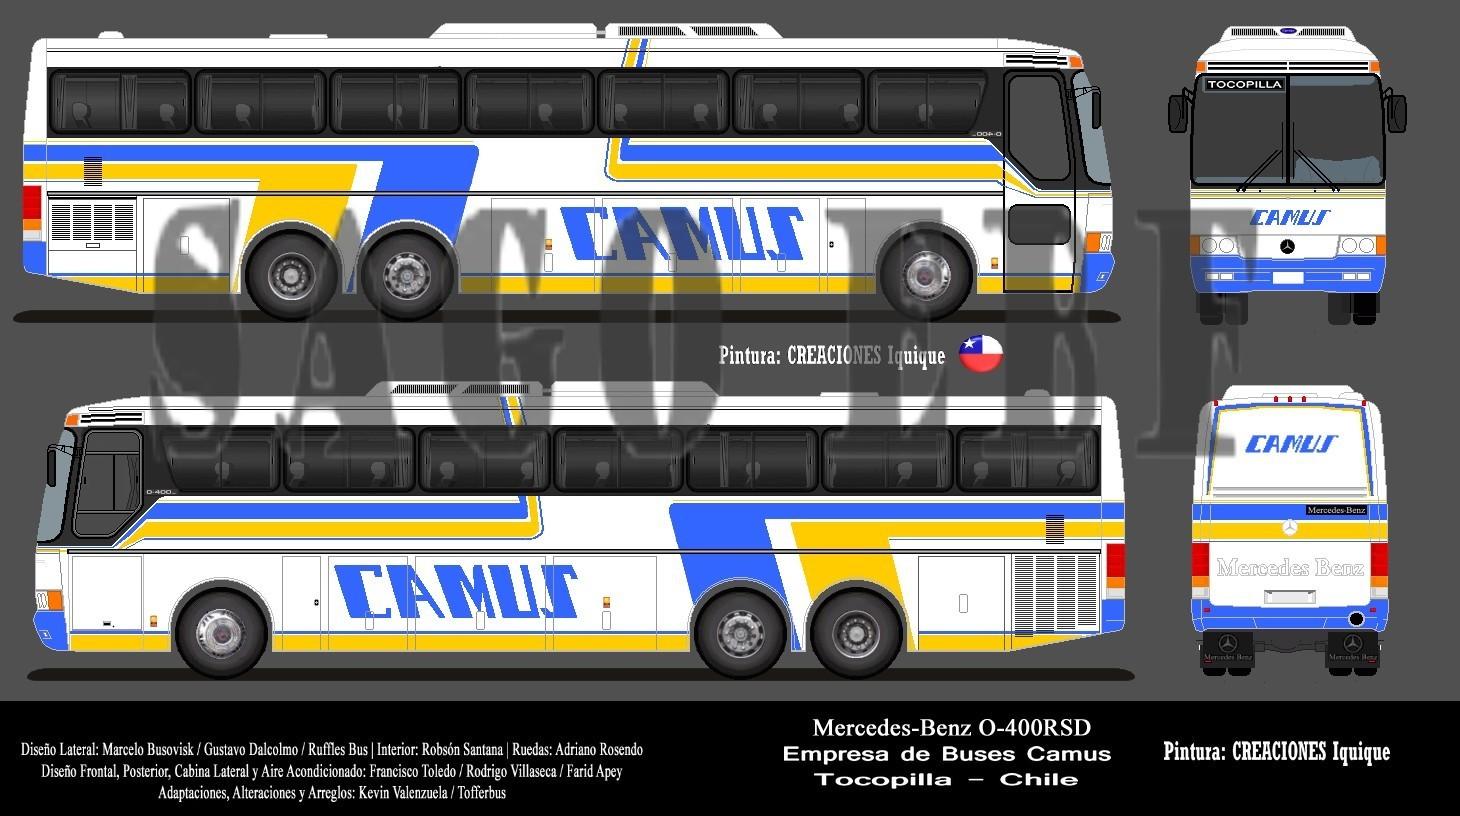 Mercedes Benz Santa Rosa >> SAGO EBF Por la Ruta del Sol: Buses Camus